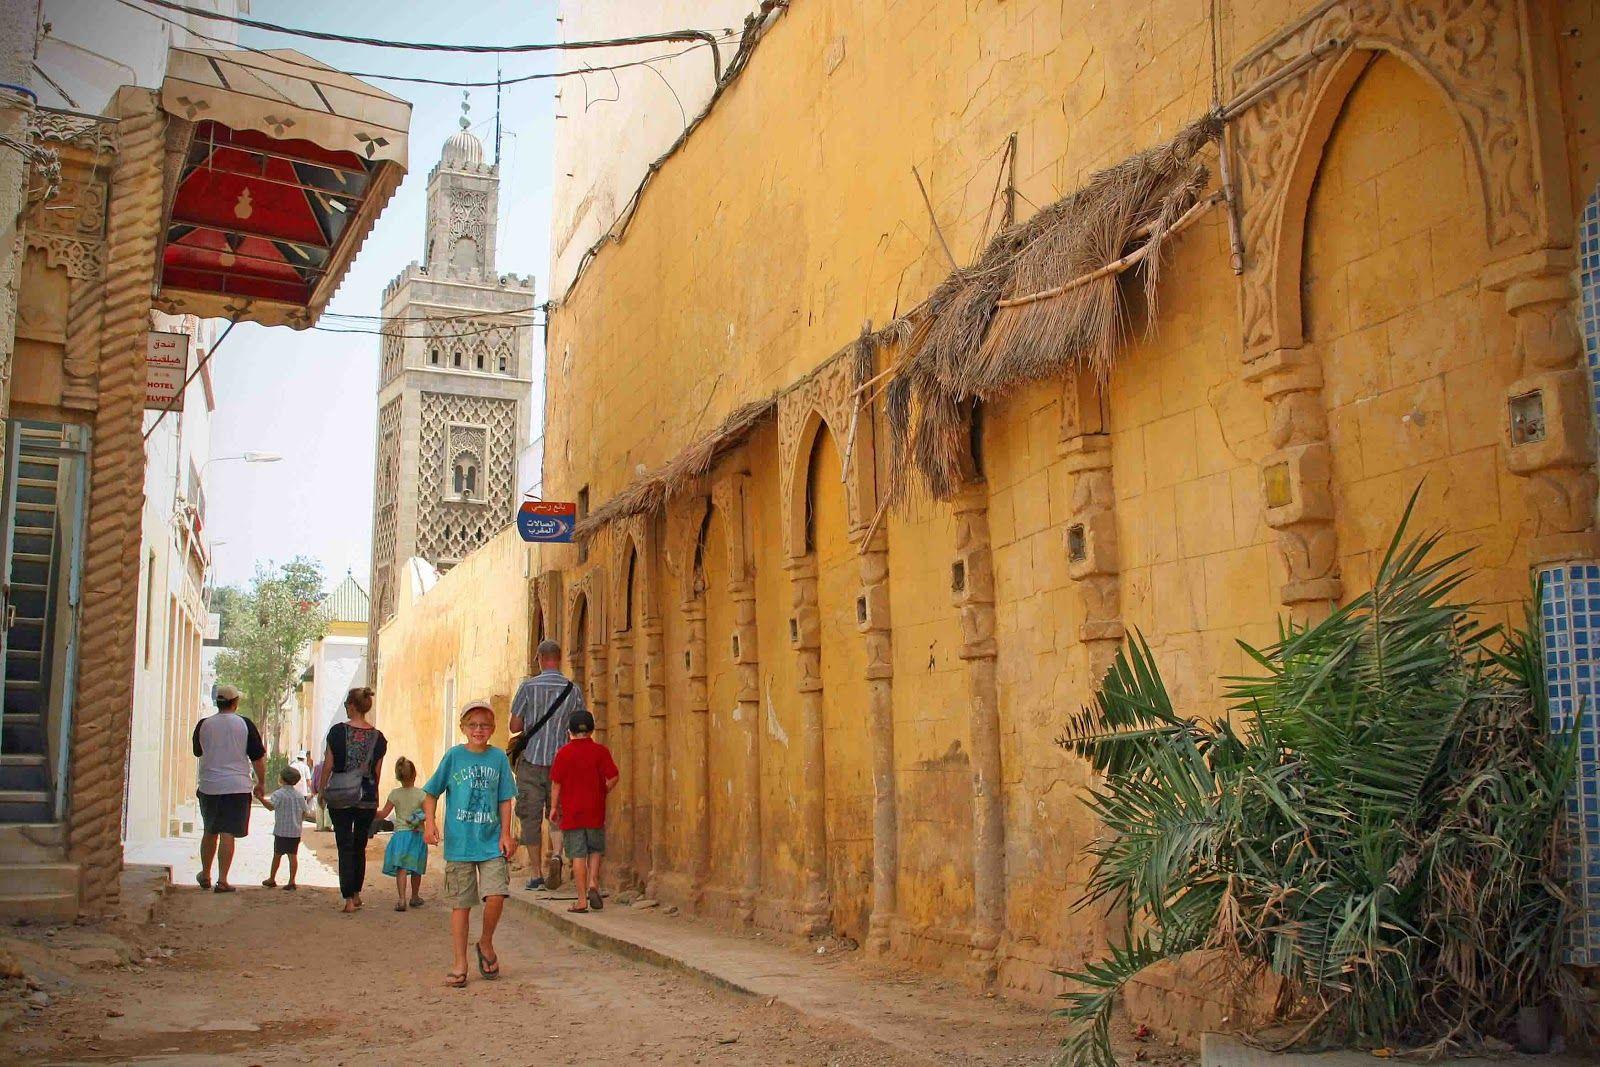 Casablanca - Medina